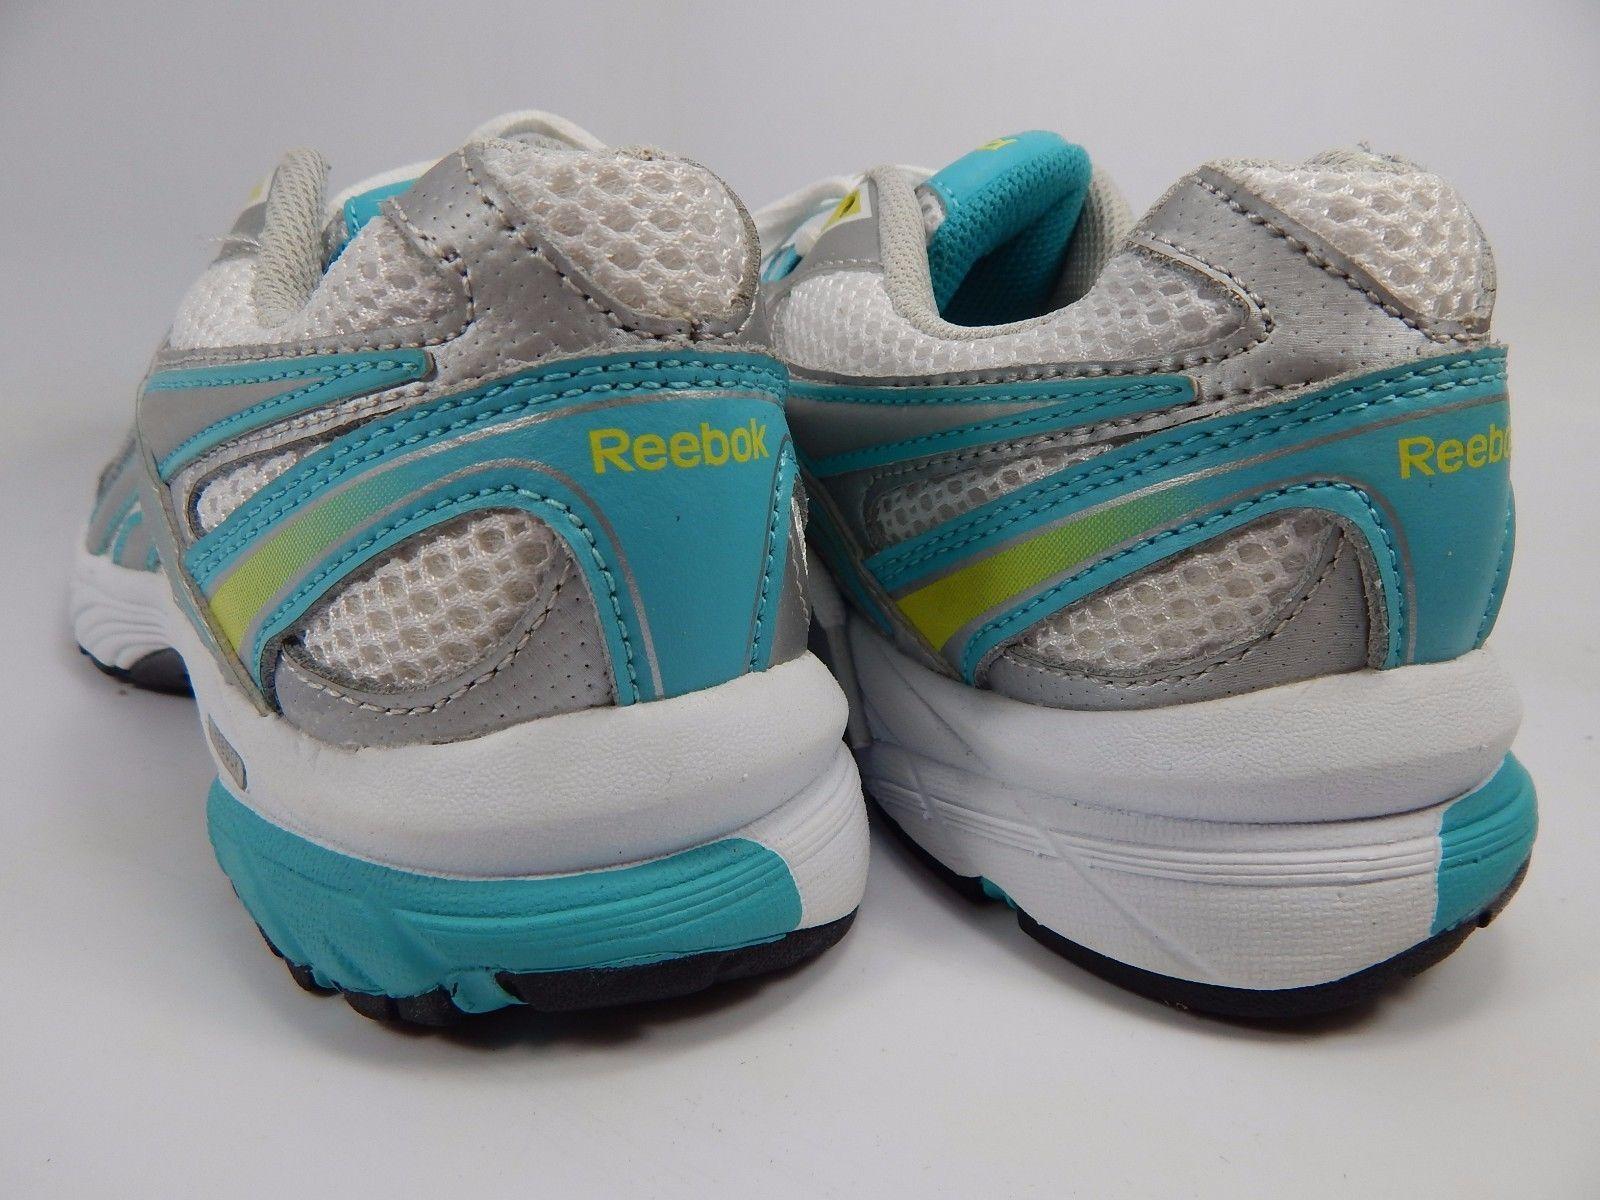 Reebok Pheehan Run Women's Running Shoes Size US 7.5 M (B) EU 38 White V48118